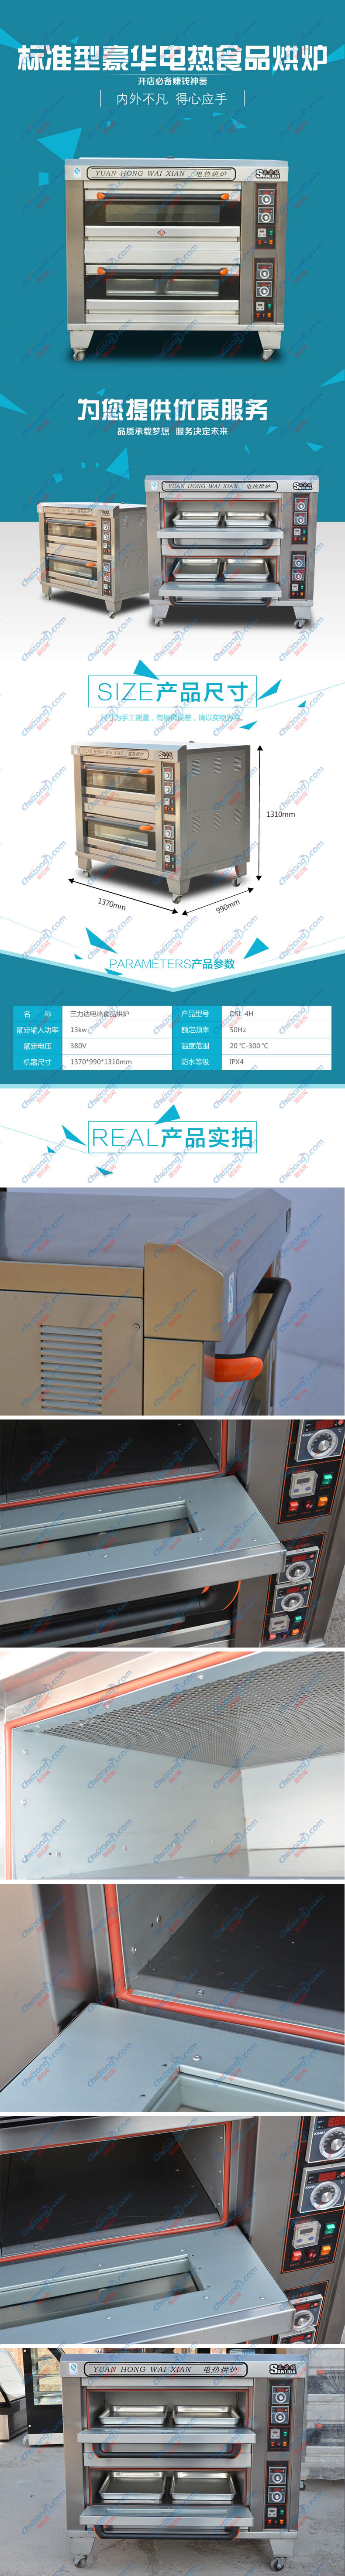 三力达豪华型电烤箱电烤箱